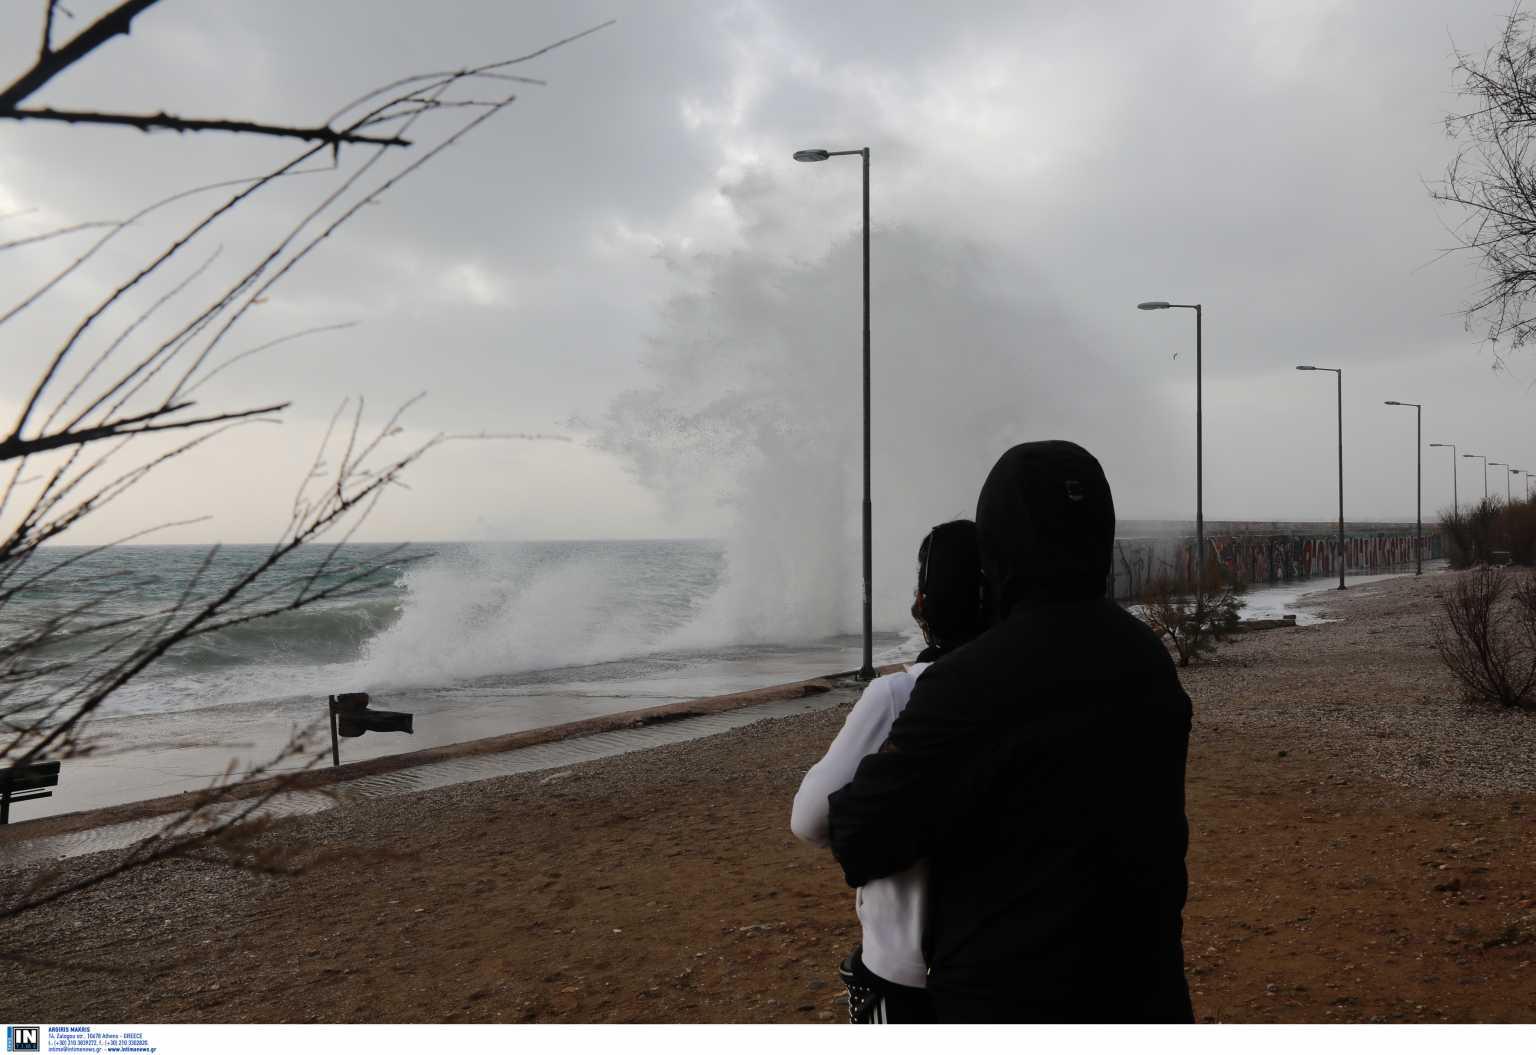 Καιρός: Το νέο κύμα κακοκαιρίας είναι εδώ – Πού θα χτυπήσει τις επόμενες ώρες με θυελλώδεις ανέμους και πολύ νερό